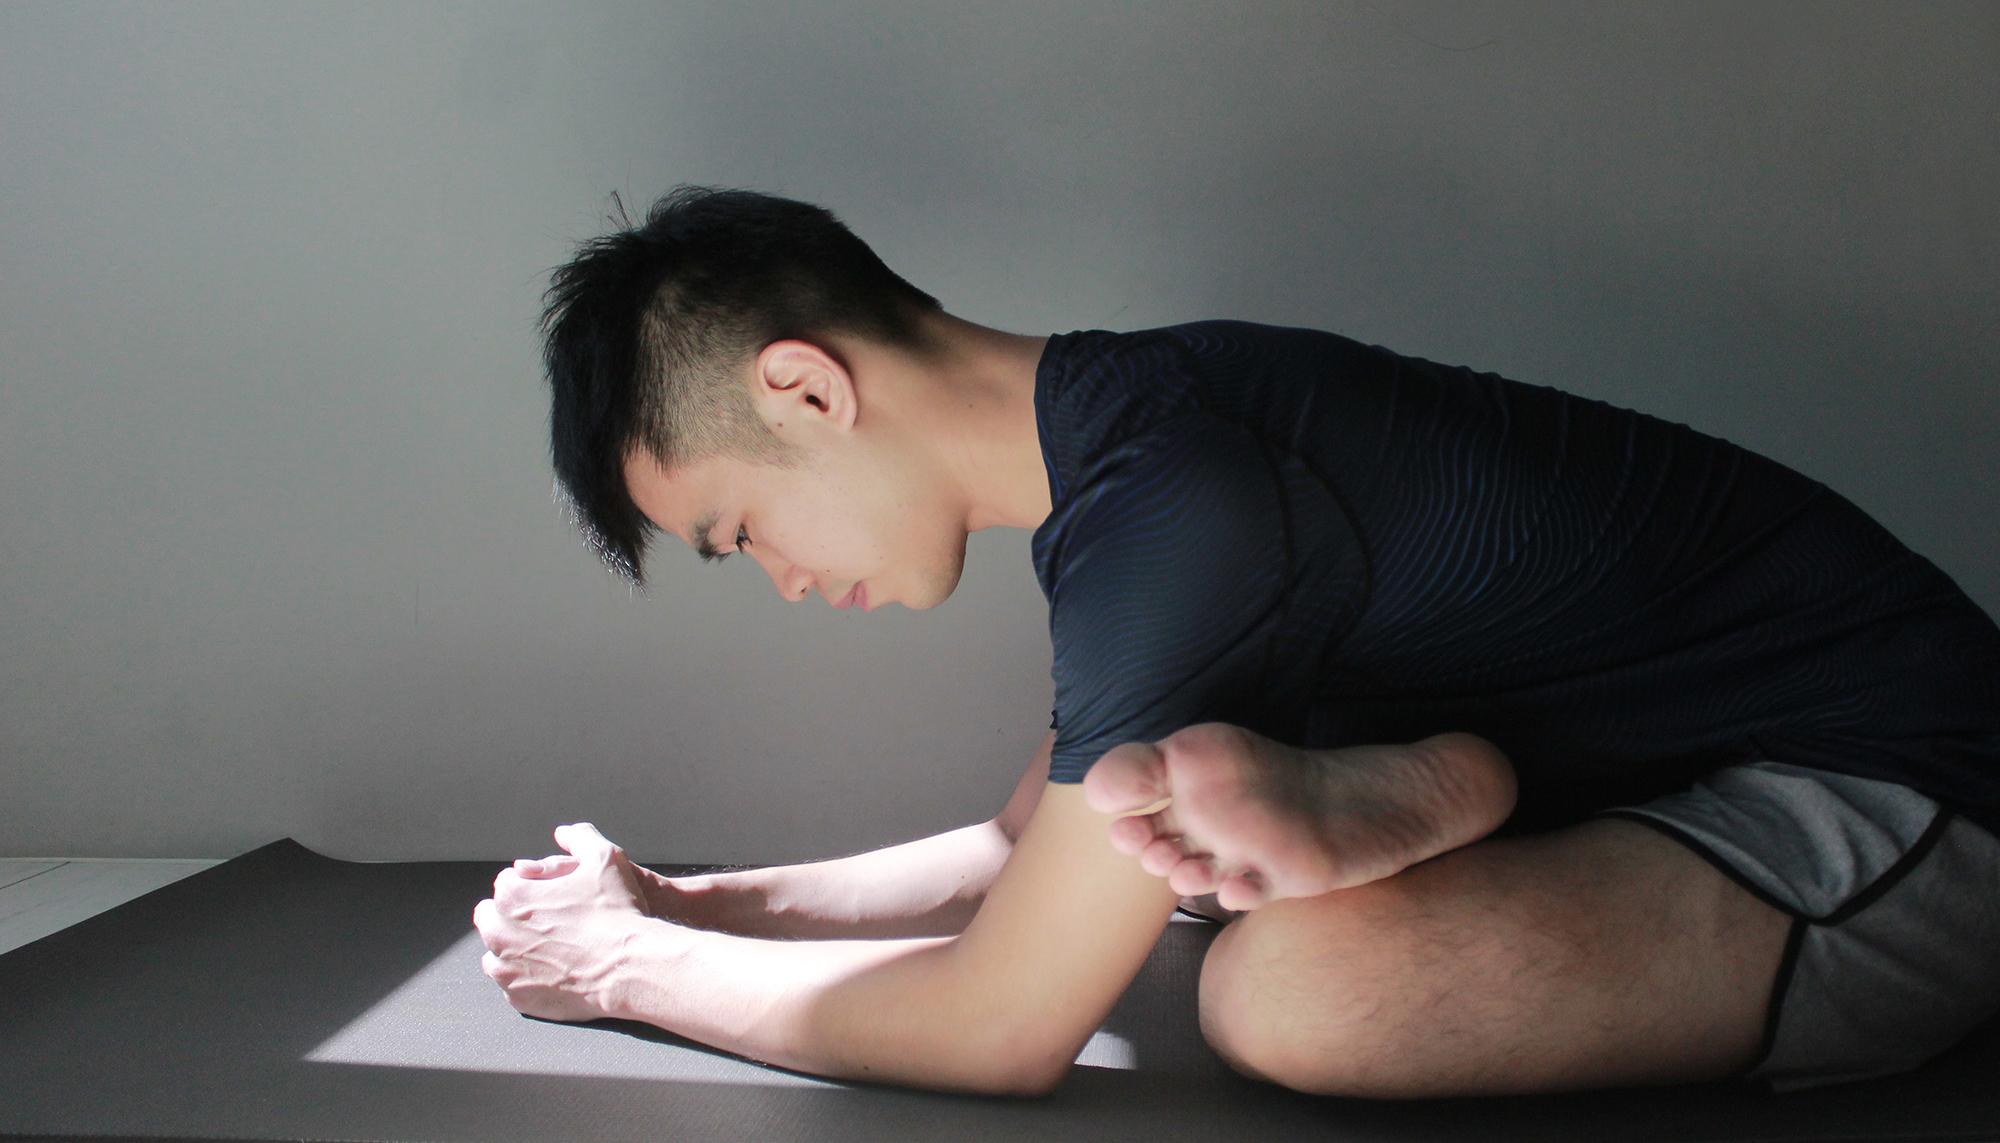 Yoga teacher — Vincent<br /><p>高中求學時期一次偶然的機會下,和朋友一同報名了瑜珈課,從此開啟瑜珈的練習,在練習瑜珈體位法過程中發現自己對身體的了解和控制越來越熟悉</p>